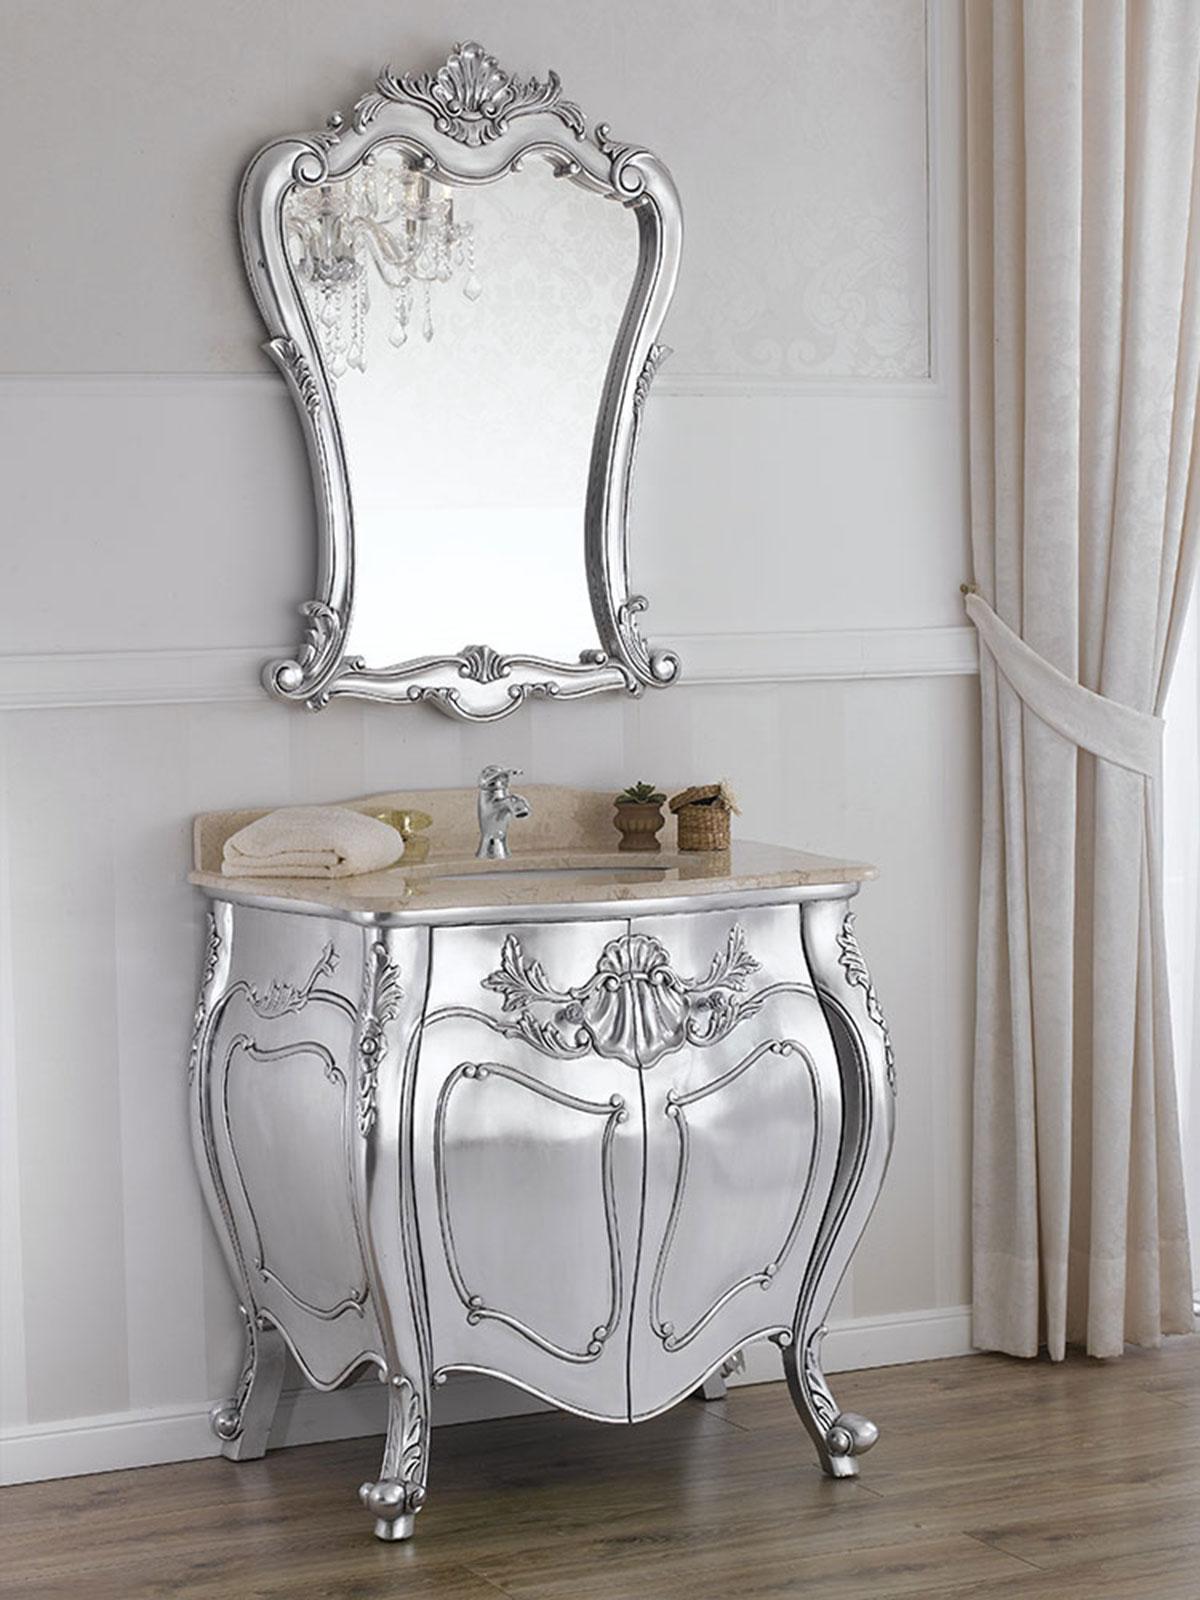 Como e specchio anderson stile barocco moderno arredo for Arredo bagno provincia como